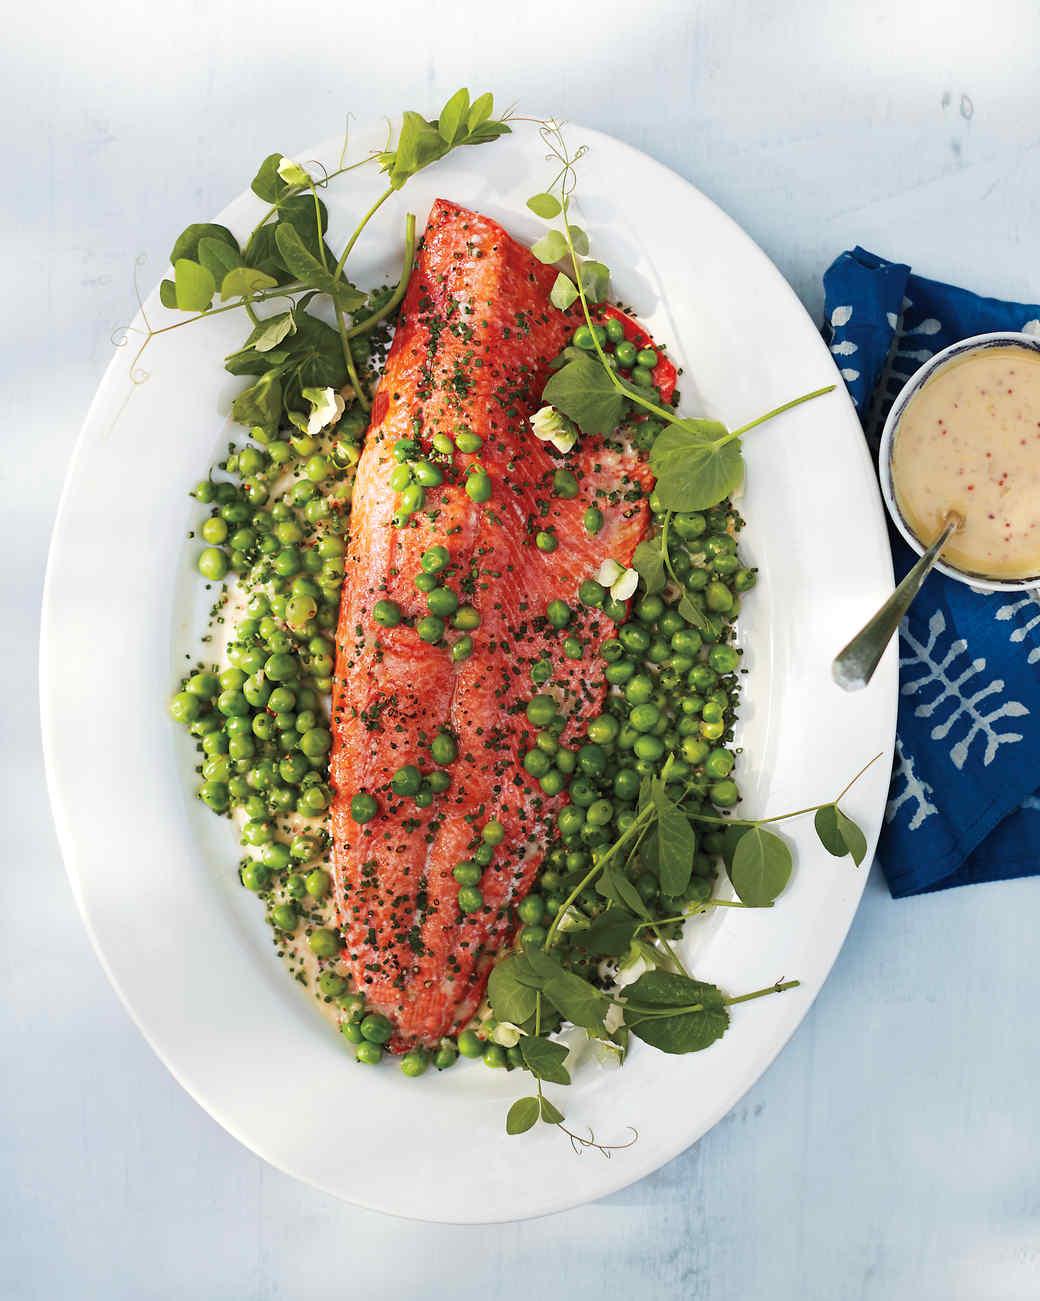 Wild salmon with English peas